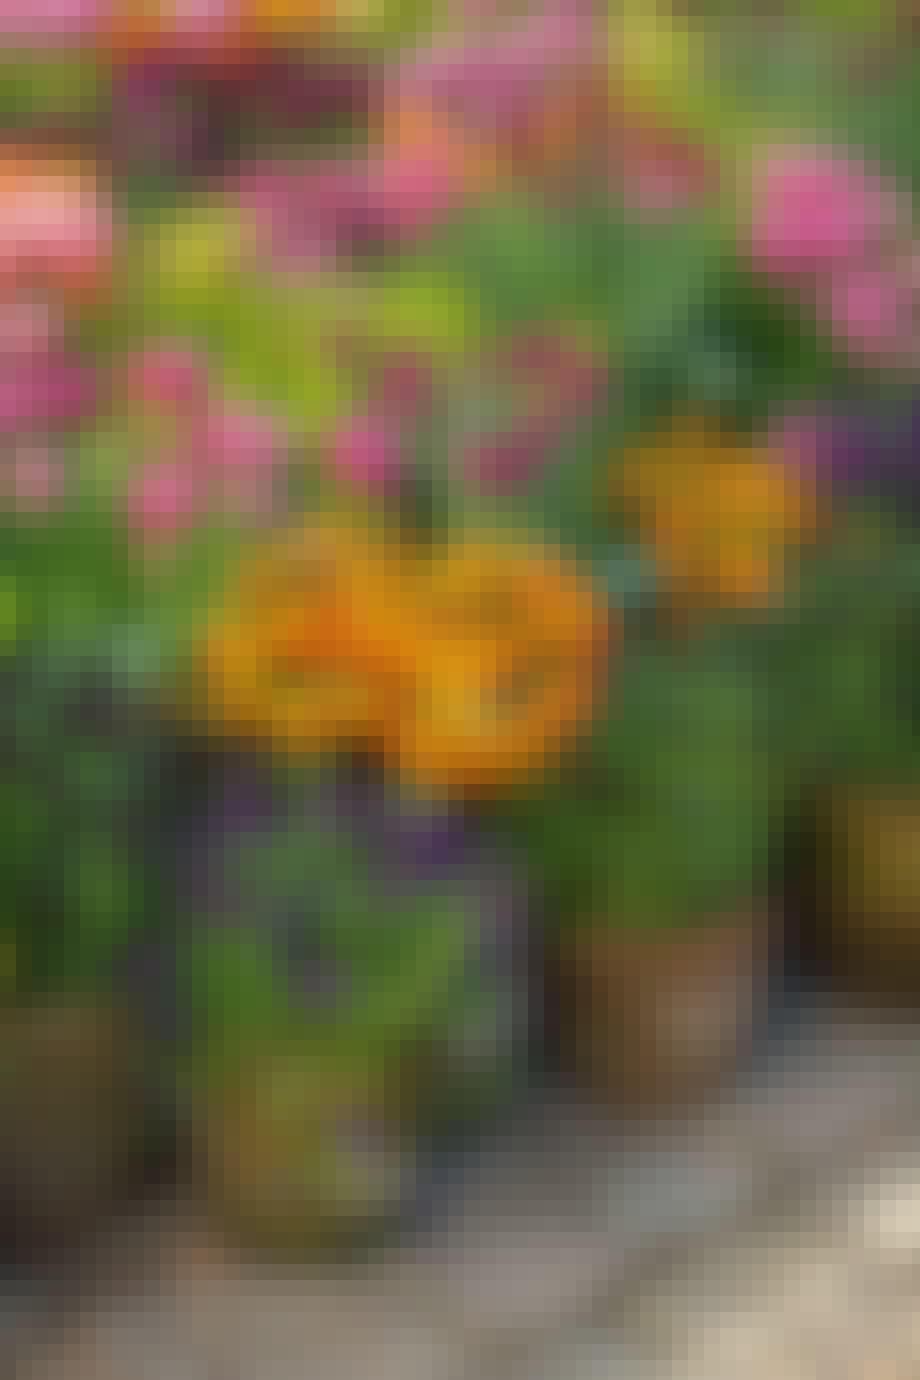 Tulipaner og stedmoderblomster i krukker og potter lilla orange og lyserøde blomster